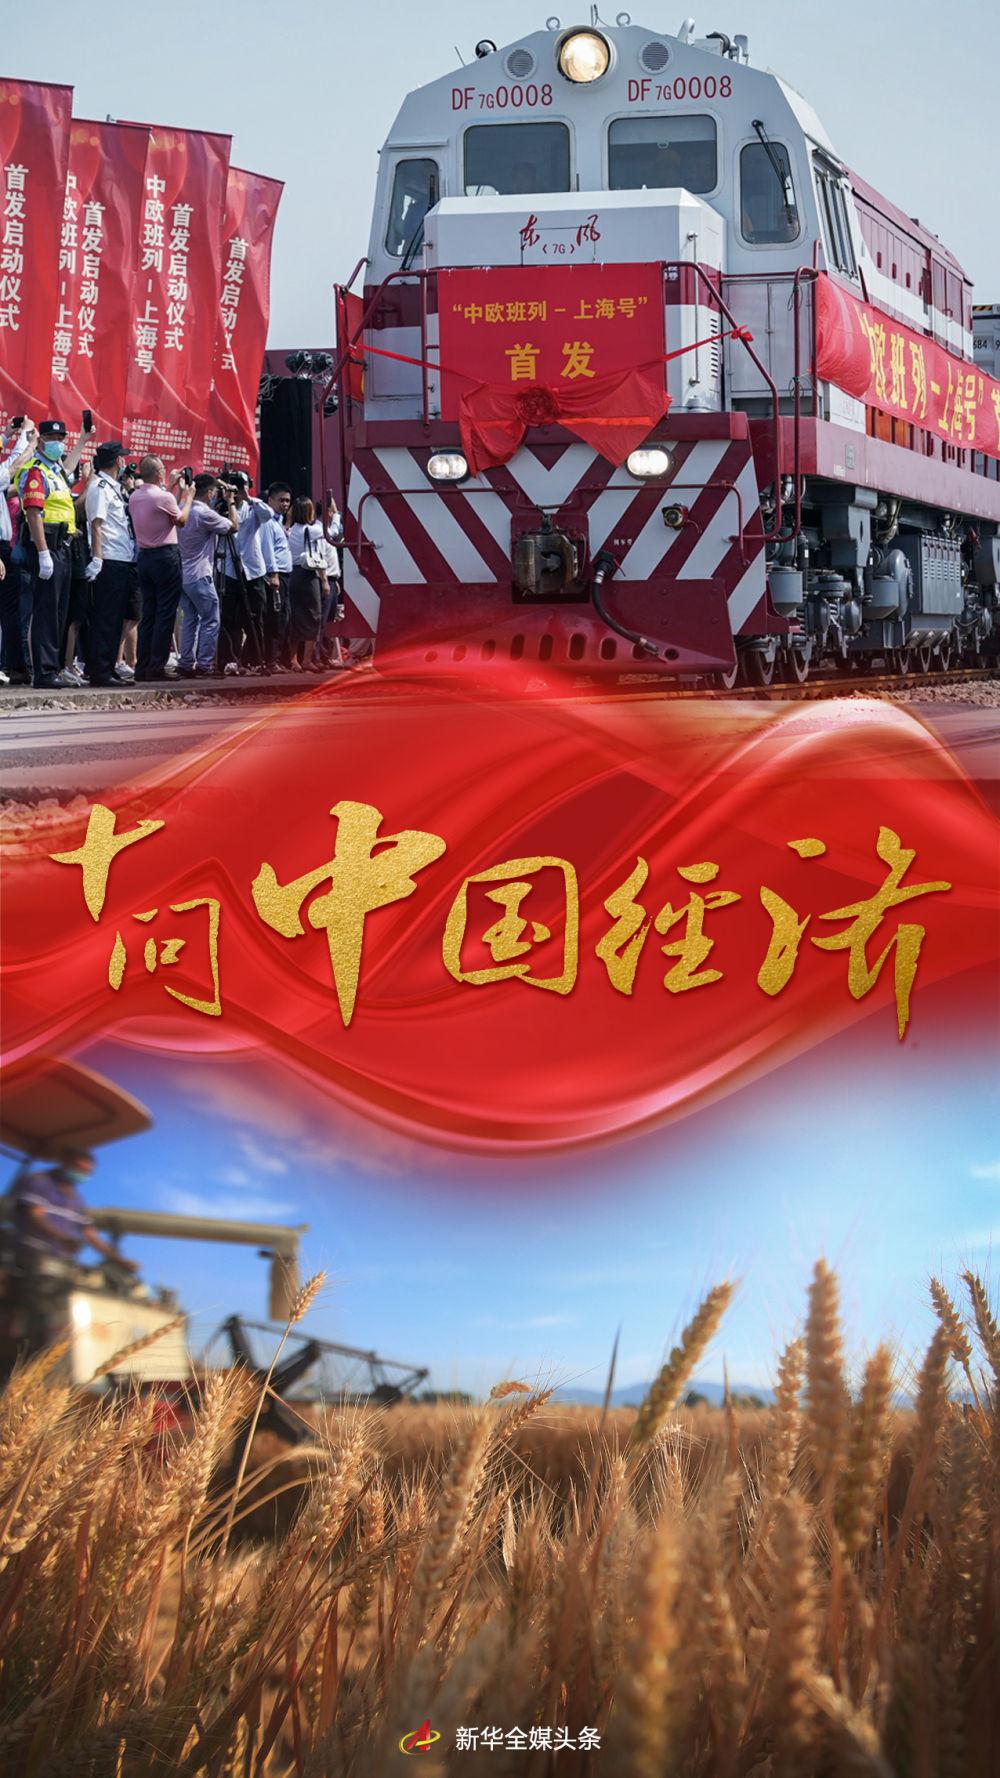 新华社重磅文章:十问中国经济